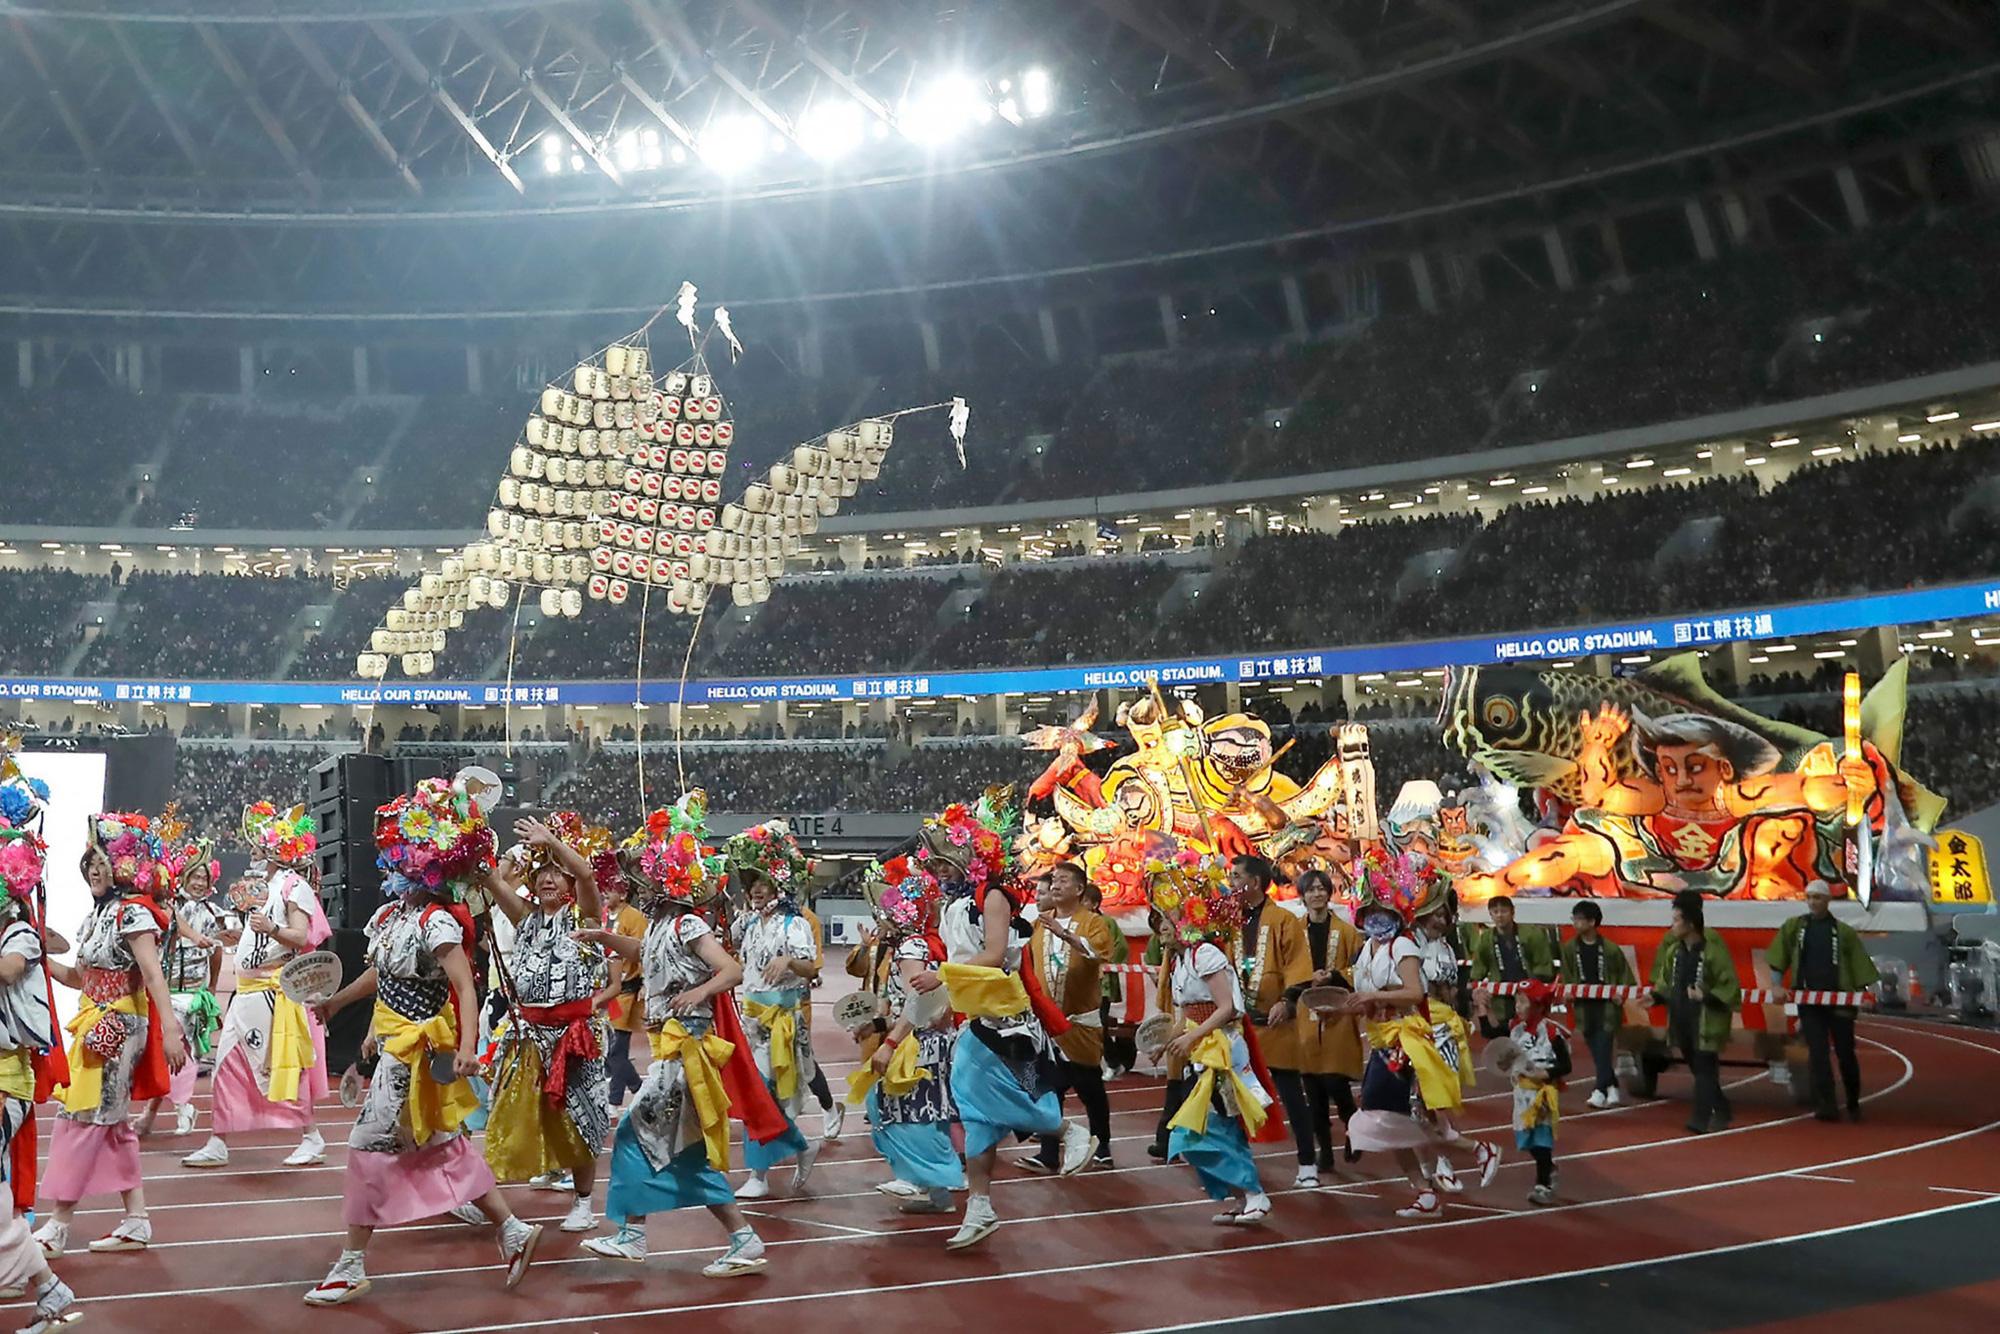 Toàn bộ thông tin cần biết về lễ khai mạc Olympic 2020 - Ảnh 2.